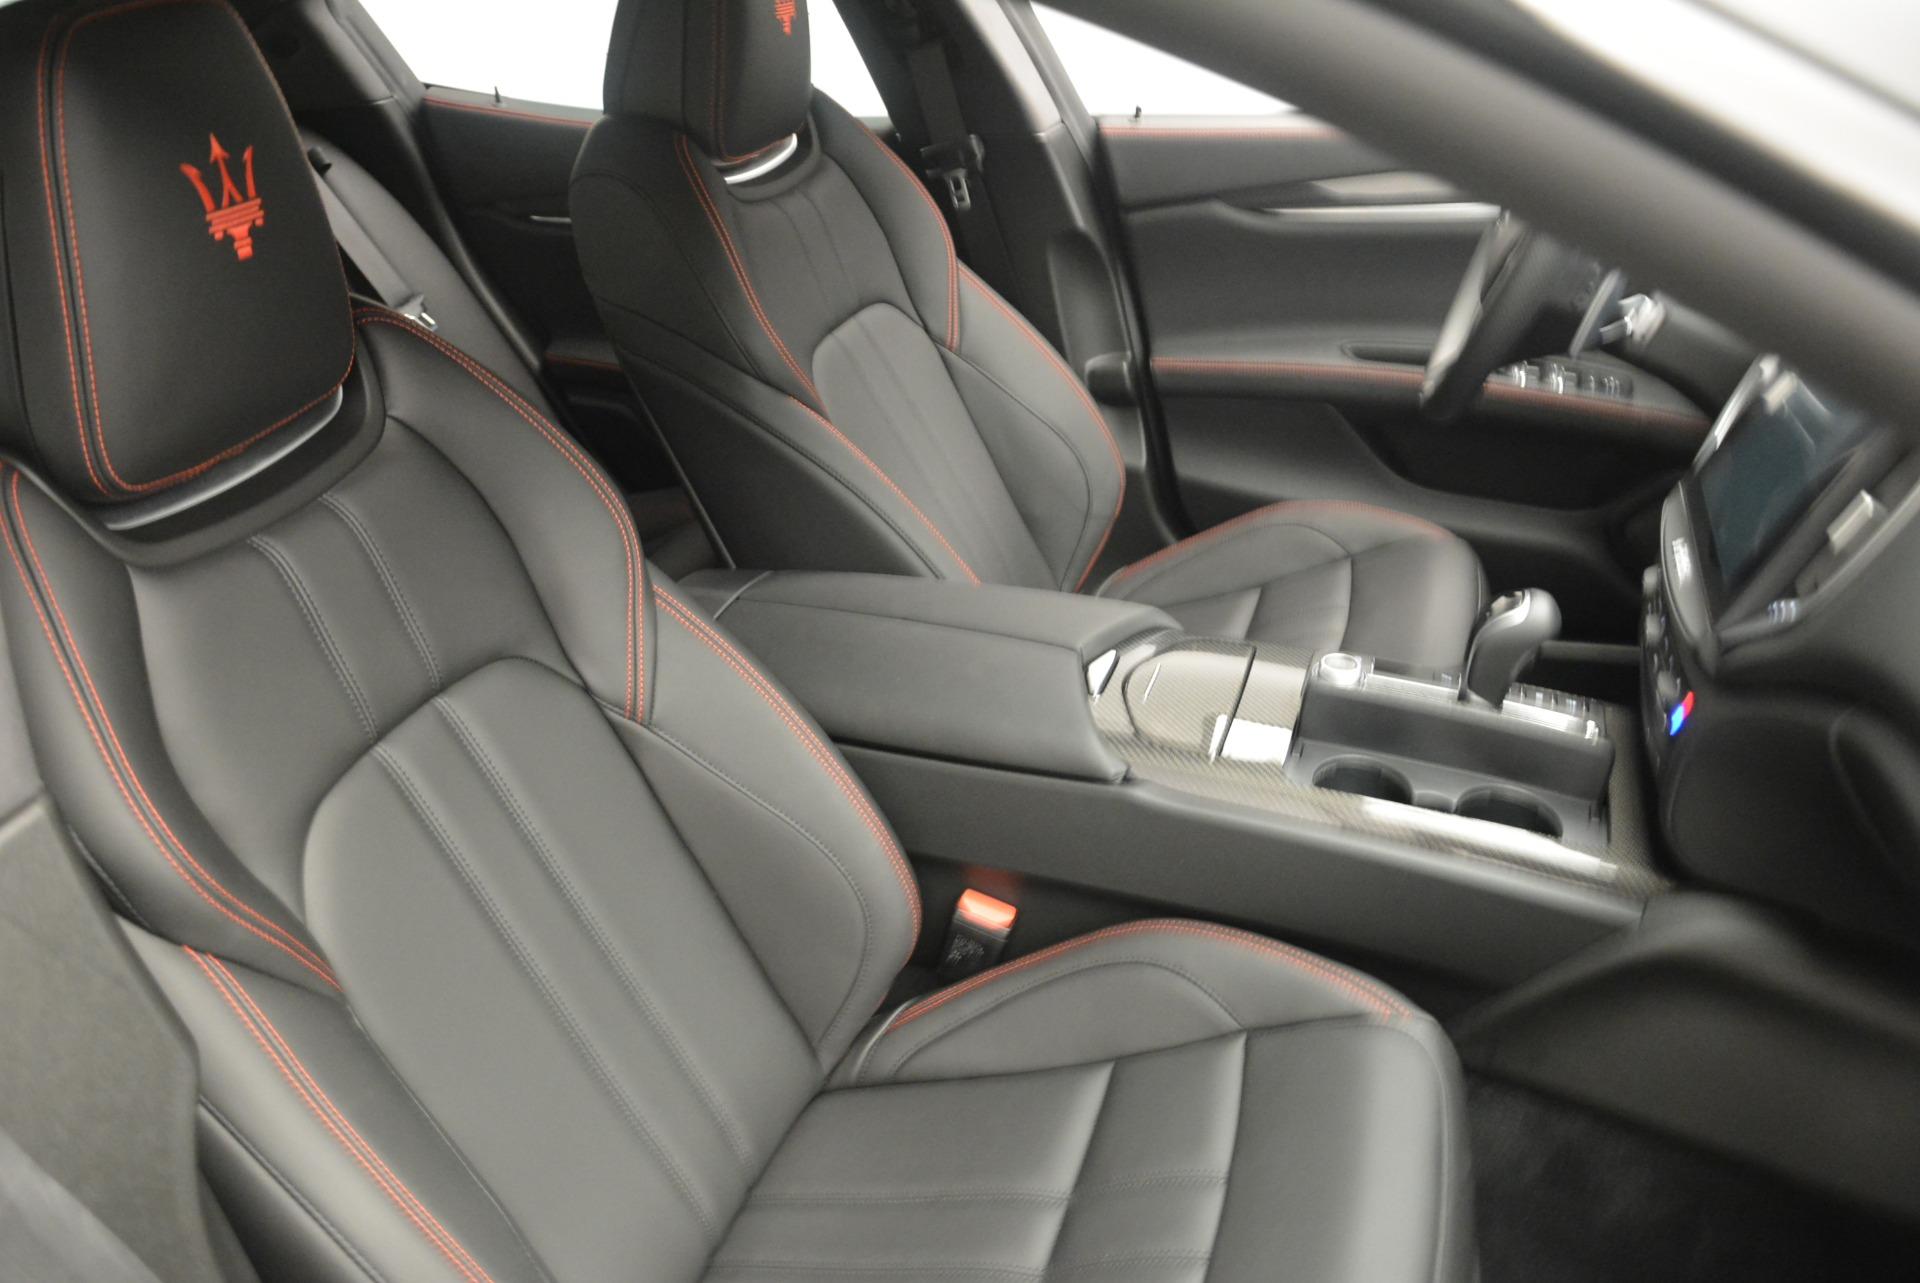 New 2018 Maserati Ghibli SQ4 GranSport Nerissimo For Sale In Greenwich, CT 2372_p20